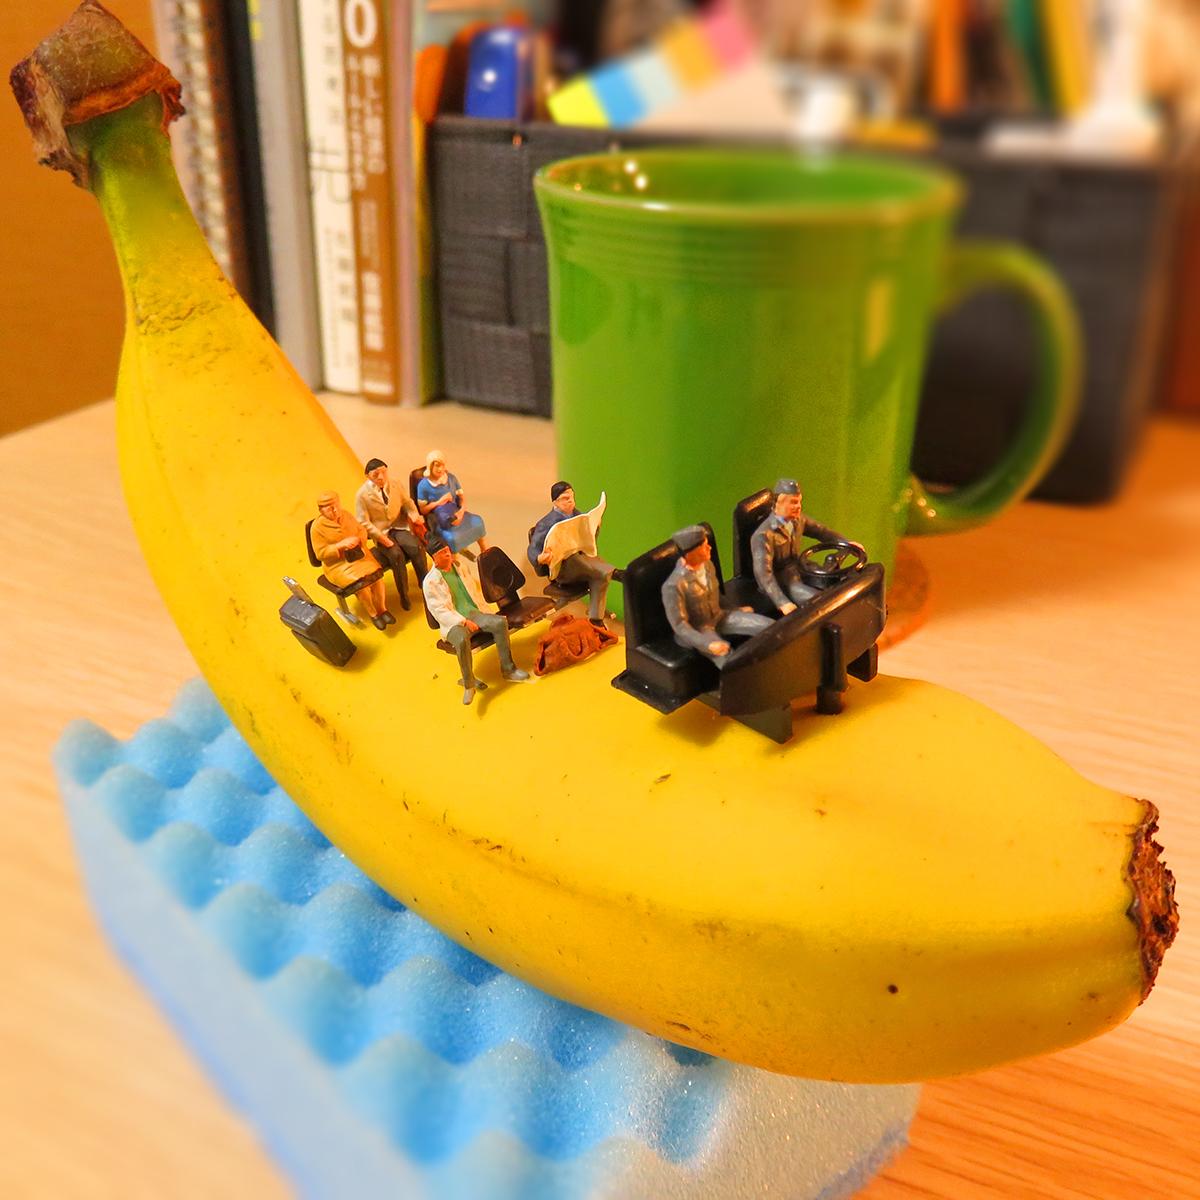 これが本当のバナナボート